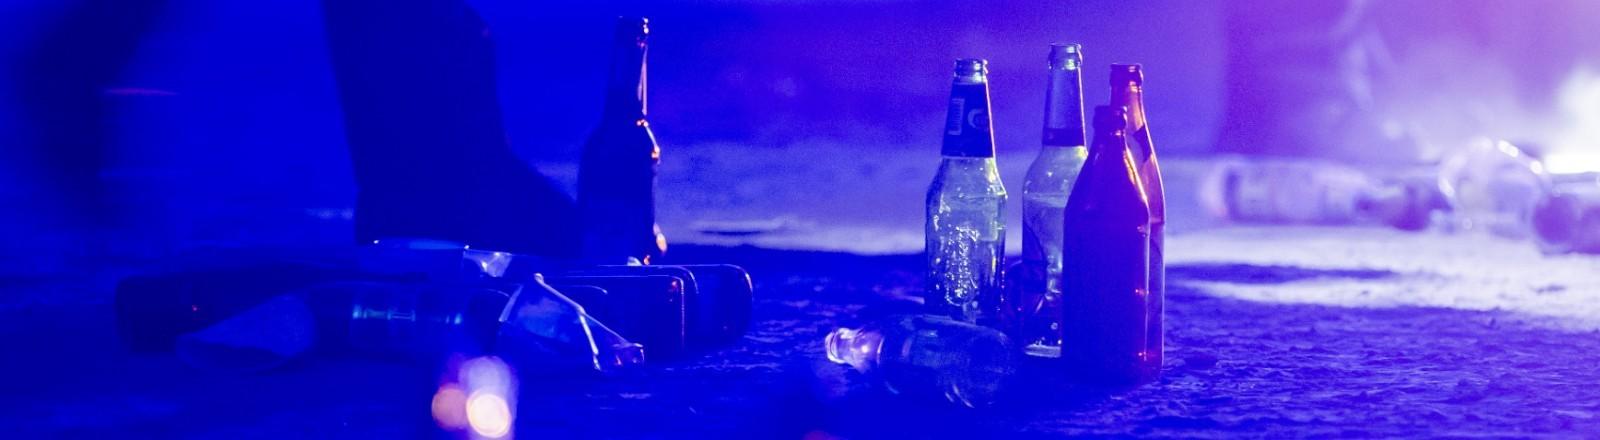 Flaschen liegen im Volkspark Hasenheide auf dem Boden, nachdem die Polizei eine Menschenansammlung aufgelöst hat.